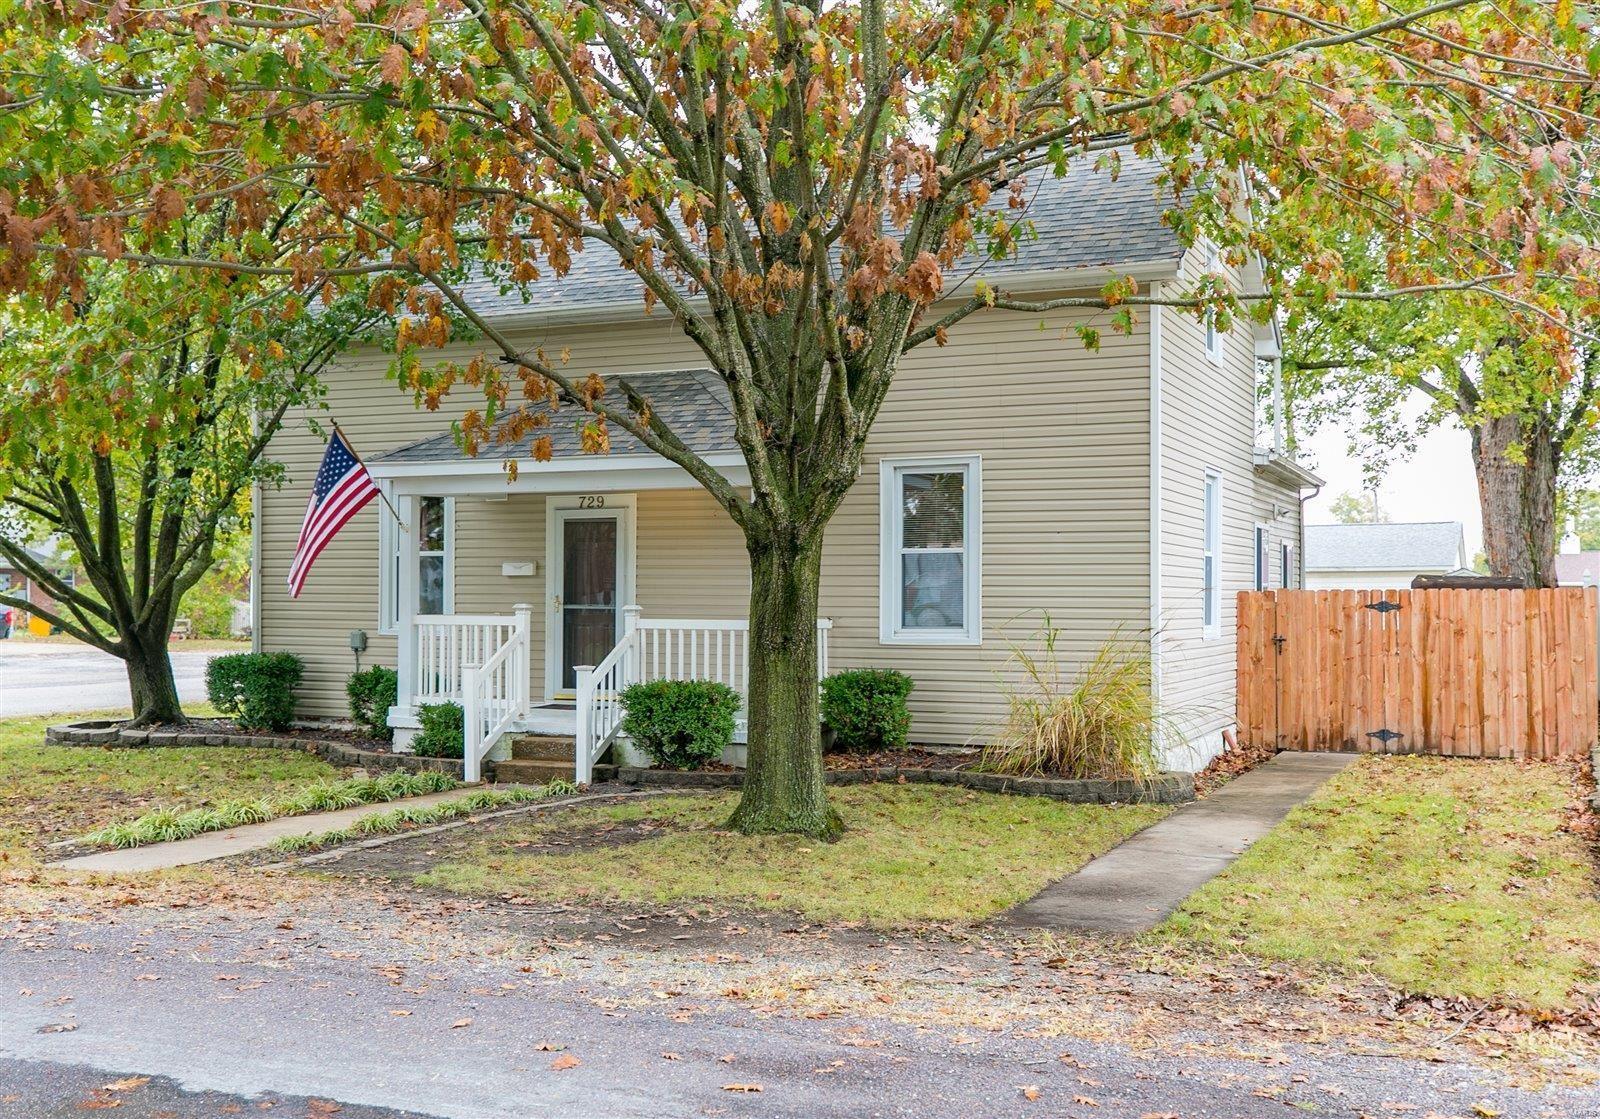 729 W Elm Street, Millstadt, IL 62260 - MLS#: 21064293